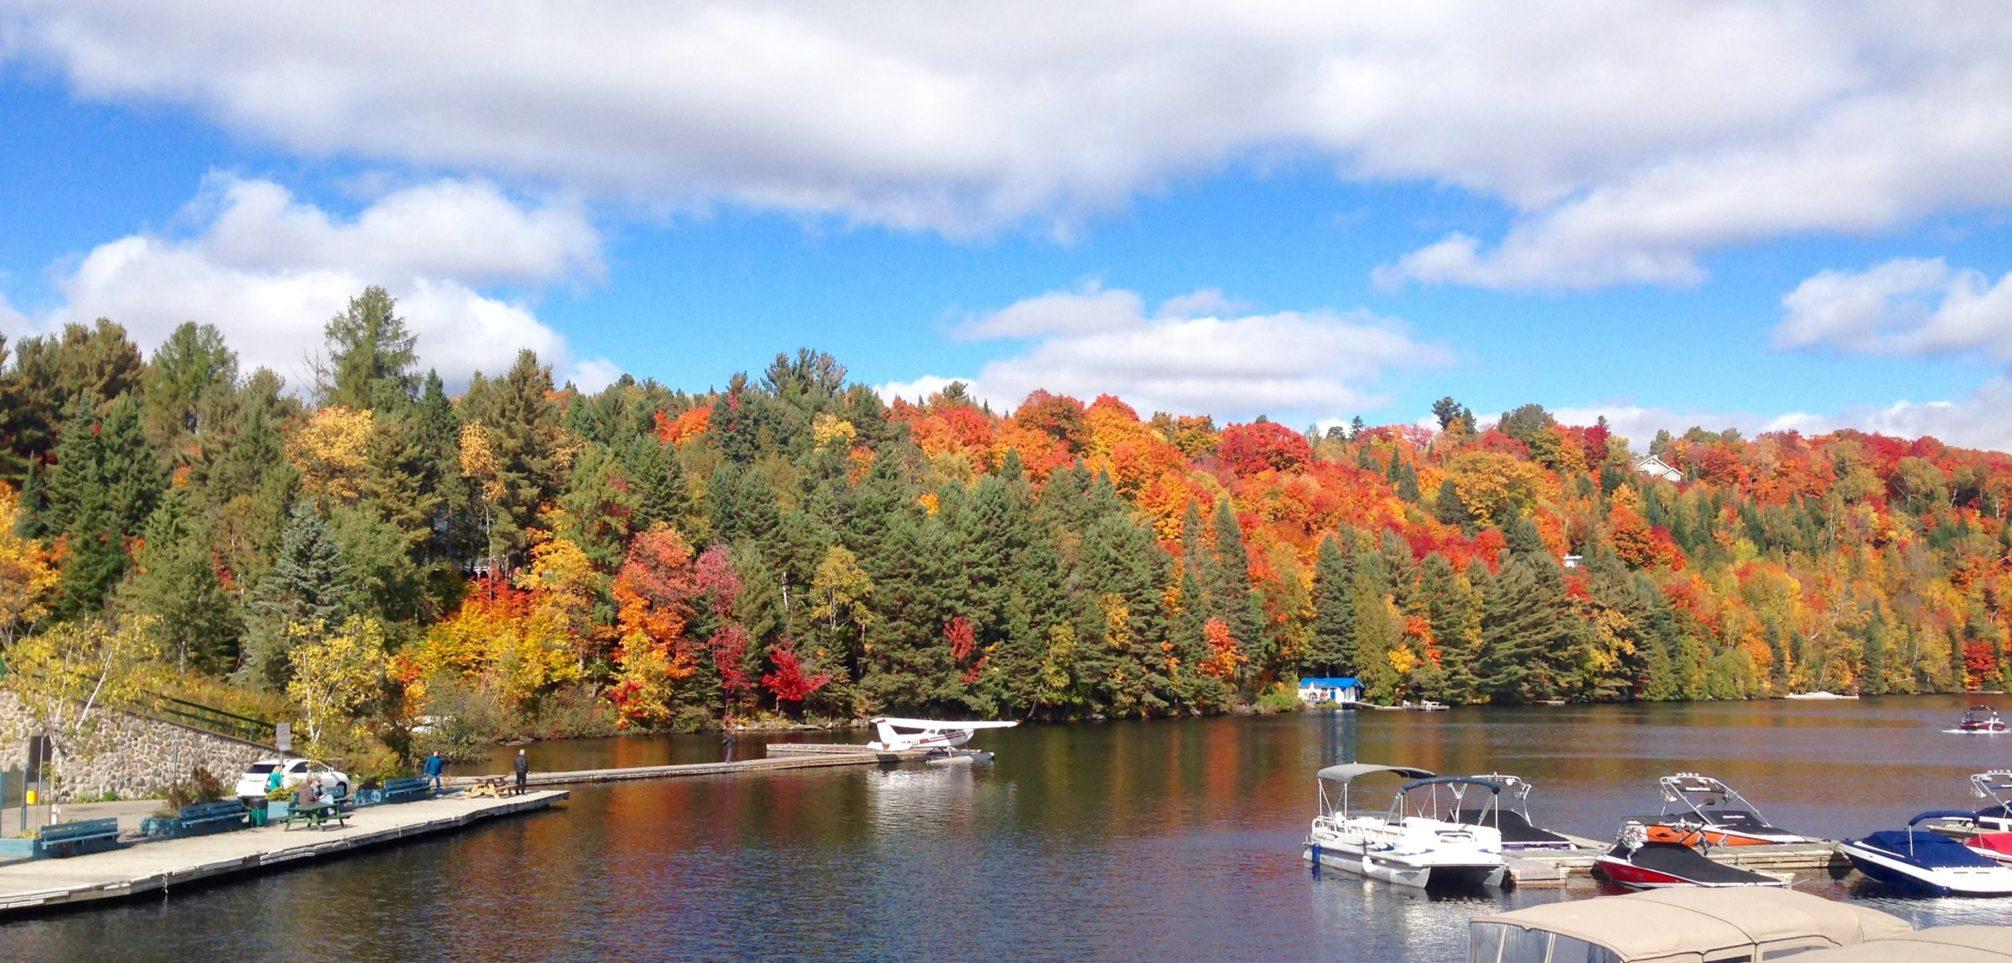 Hydravion automne Canada - Photo Julia Braga